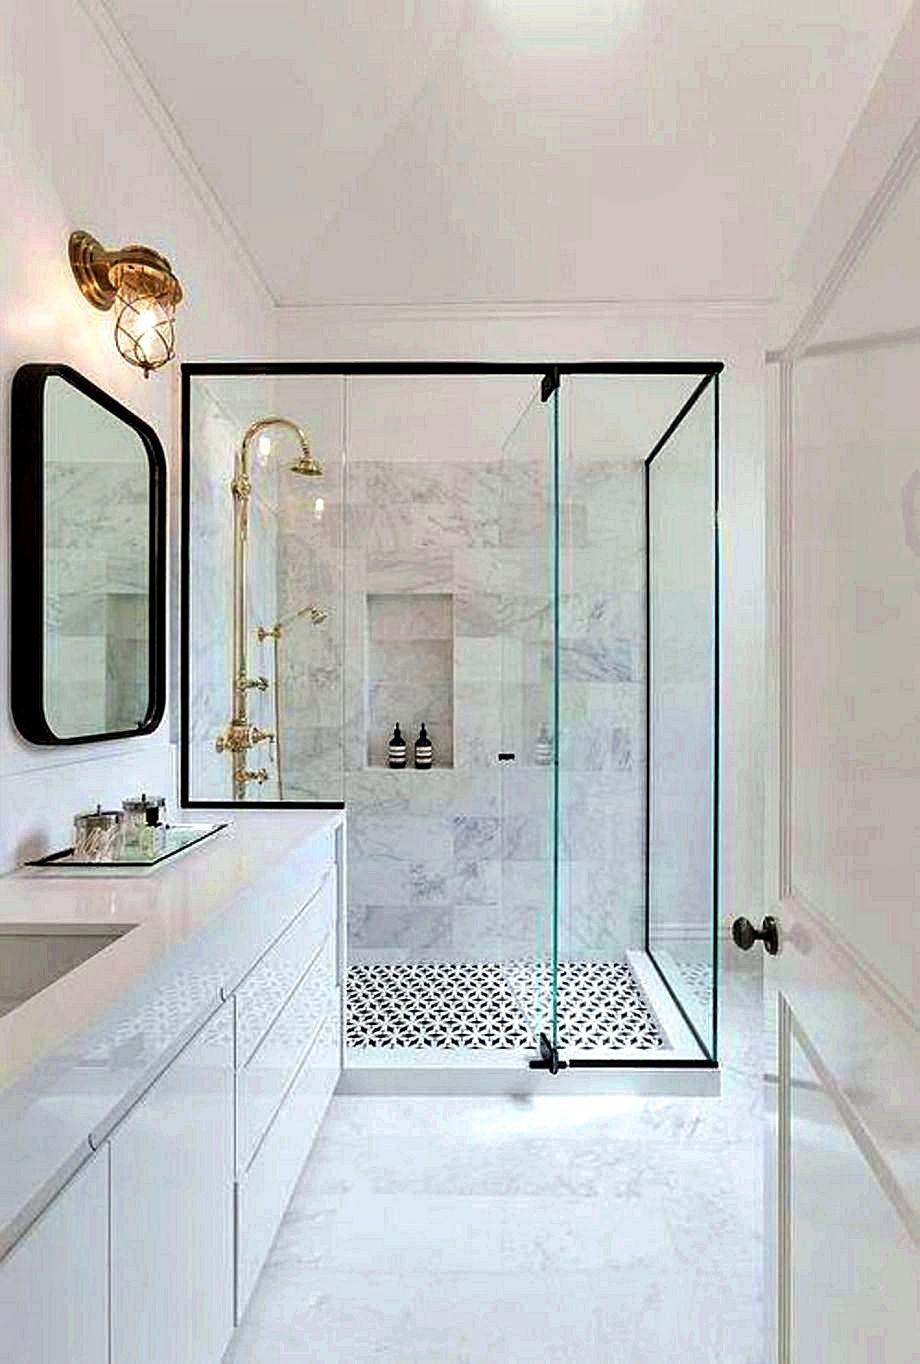 Wonderful Bathroom Remodel By Hand Best Bathroom Designs Modern Shower Design Bathroom Remodel Master